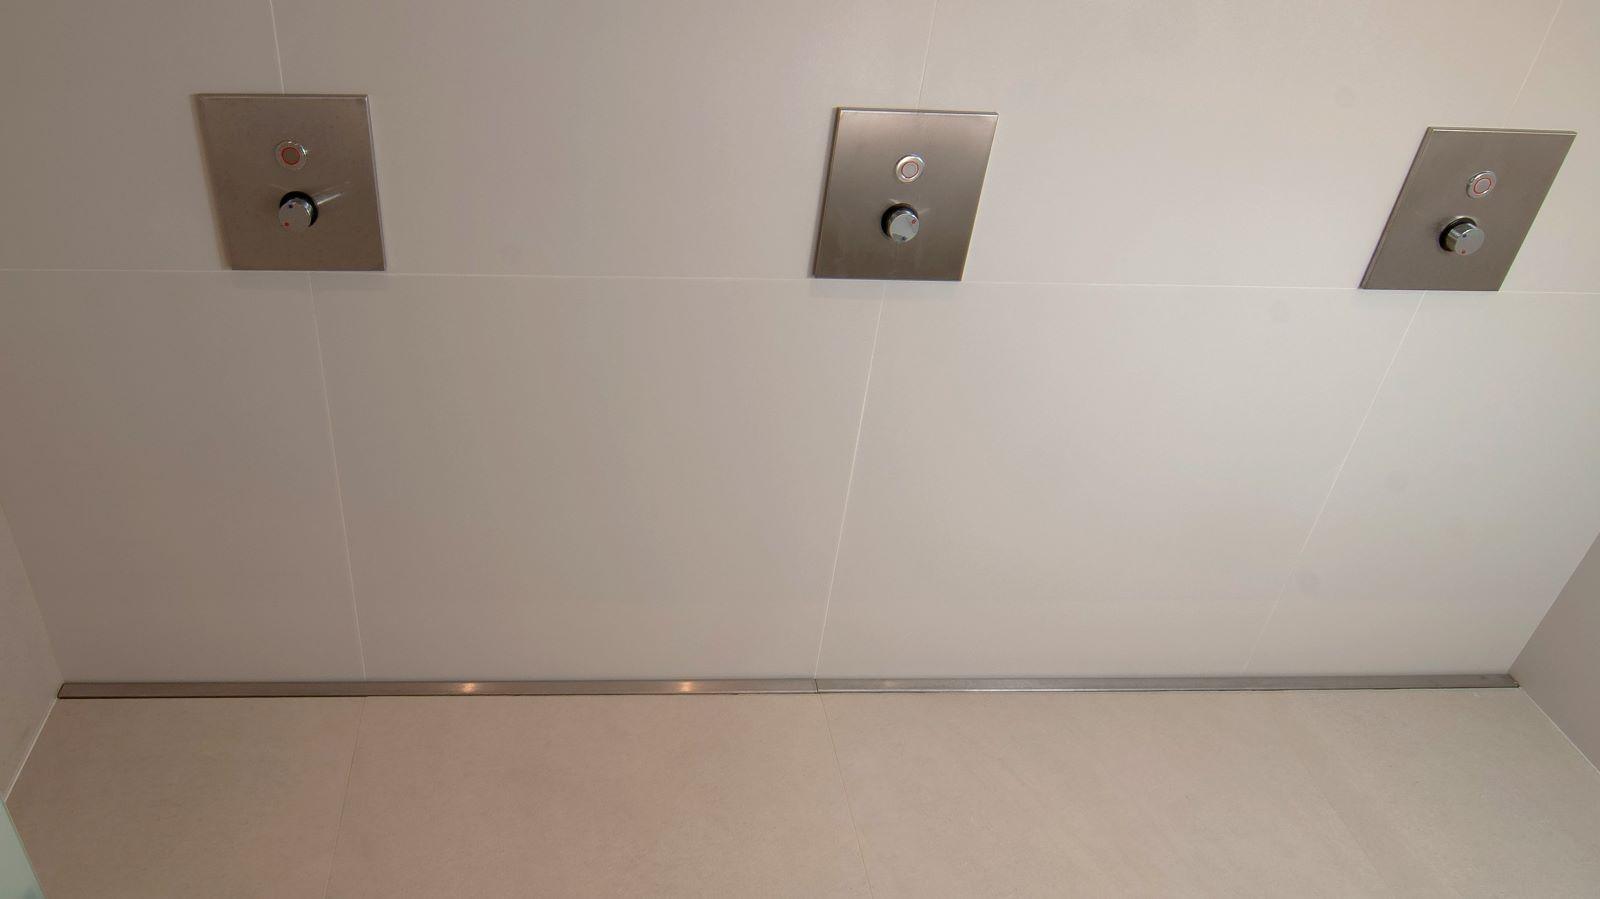 Flache duschrinnen mit seitlichem ablauf optimieren haeufig die planung von duschen in sportanlagen durch profis. Fuer barrierfreie duschen ist die hier gezeigte hochwertige, sehr flache V4A edelstahl-duschrinne pro mit seitlichem ablauf optimal für einen direkten anschluss der duschentwaesserung an das fallrohr.